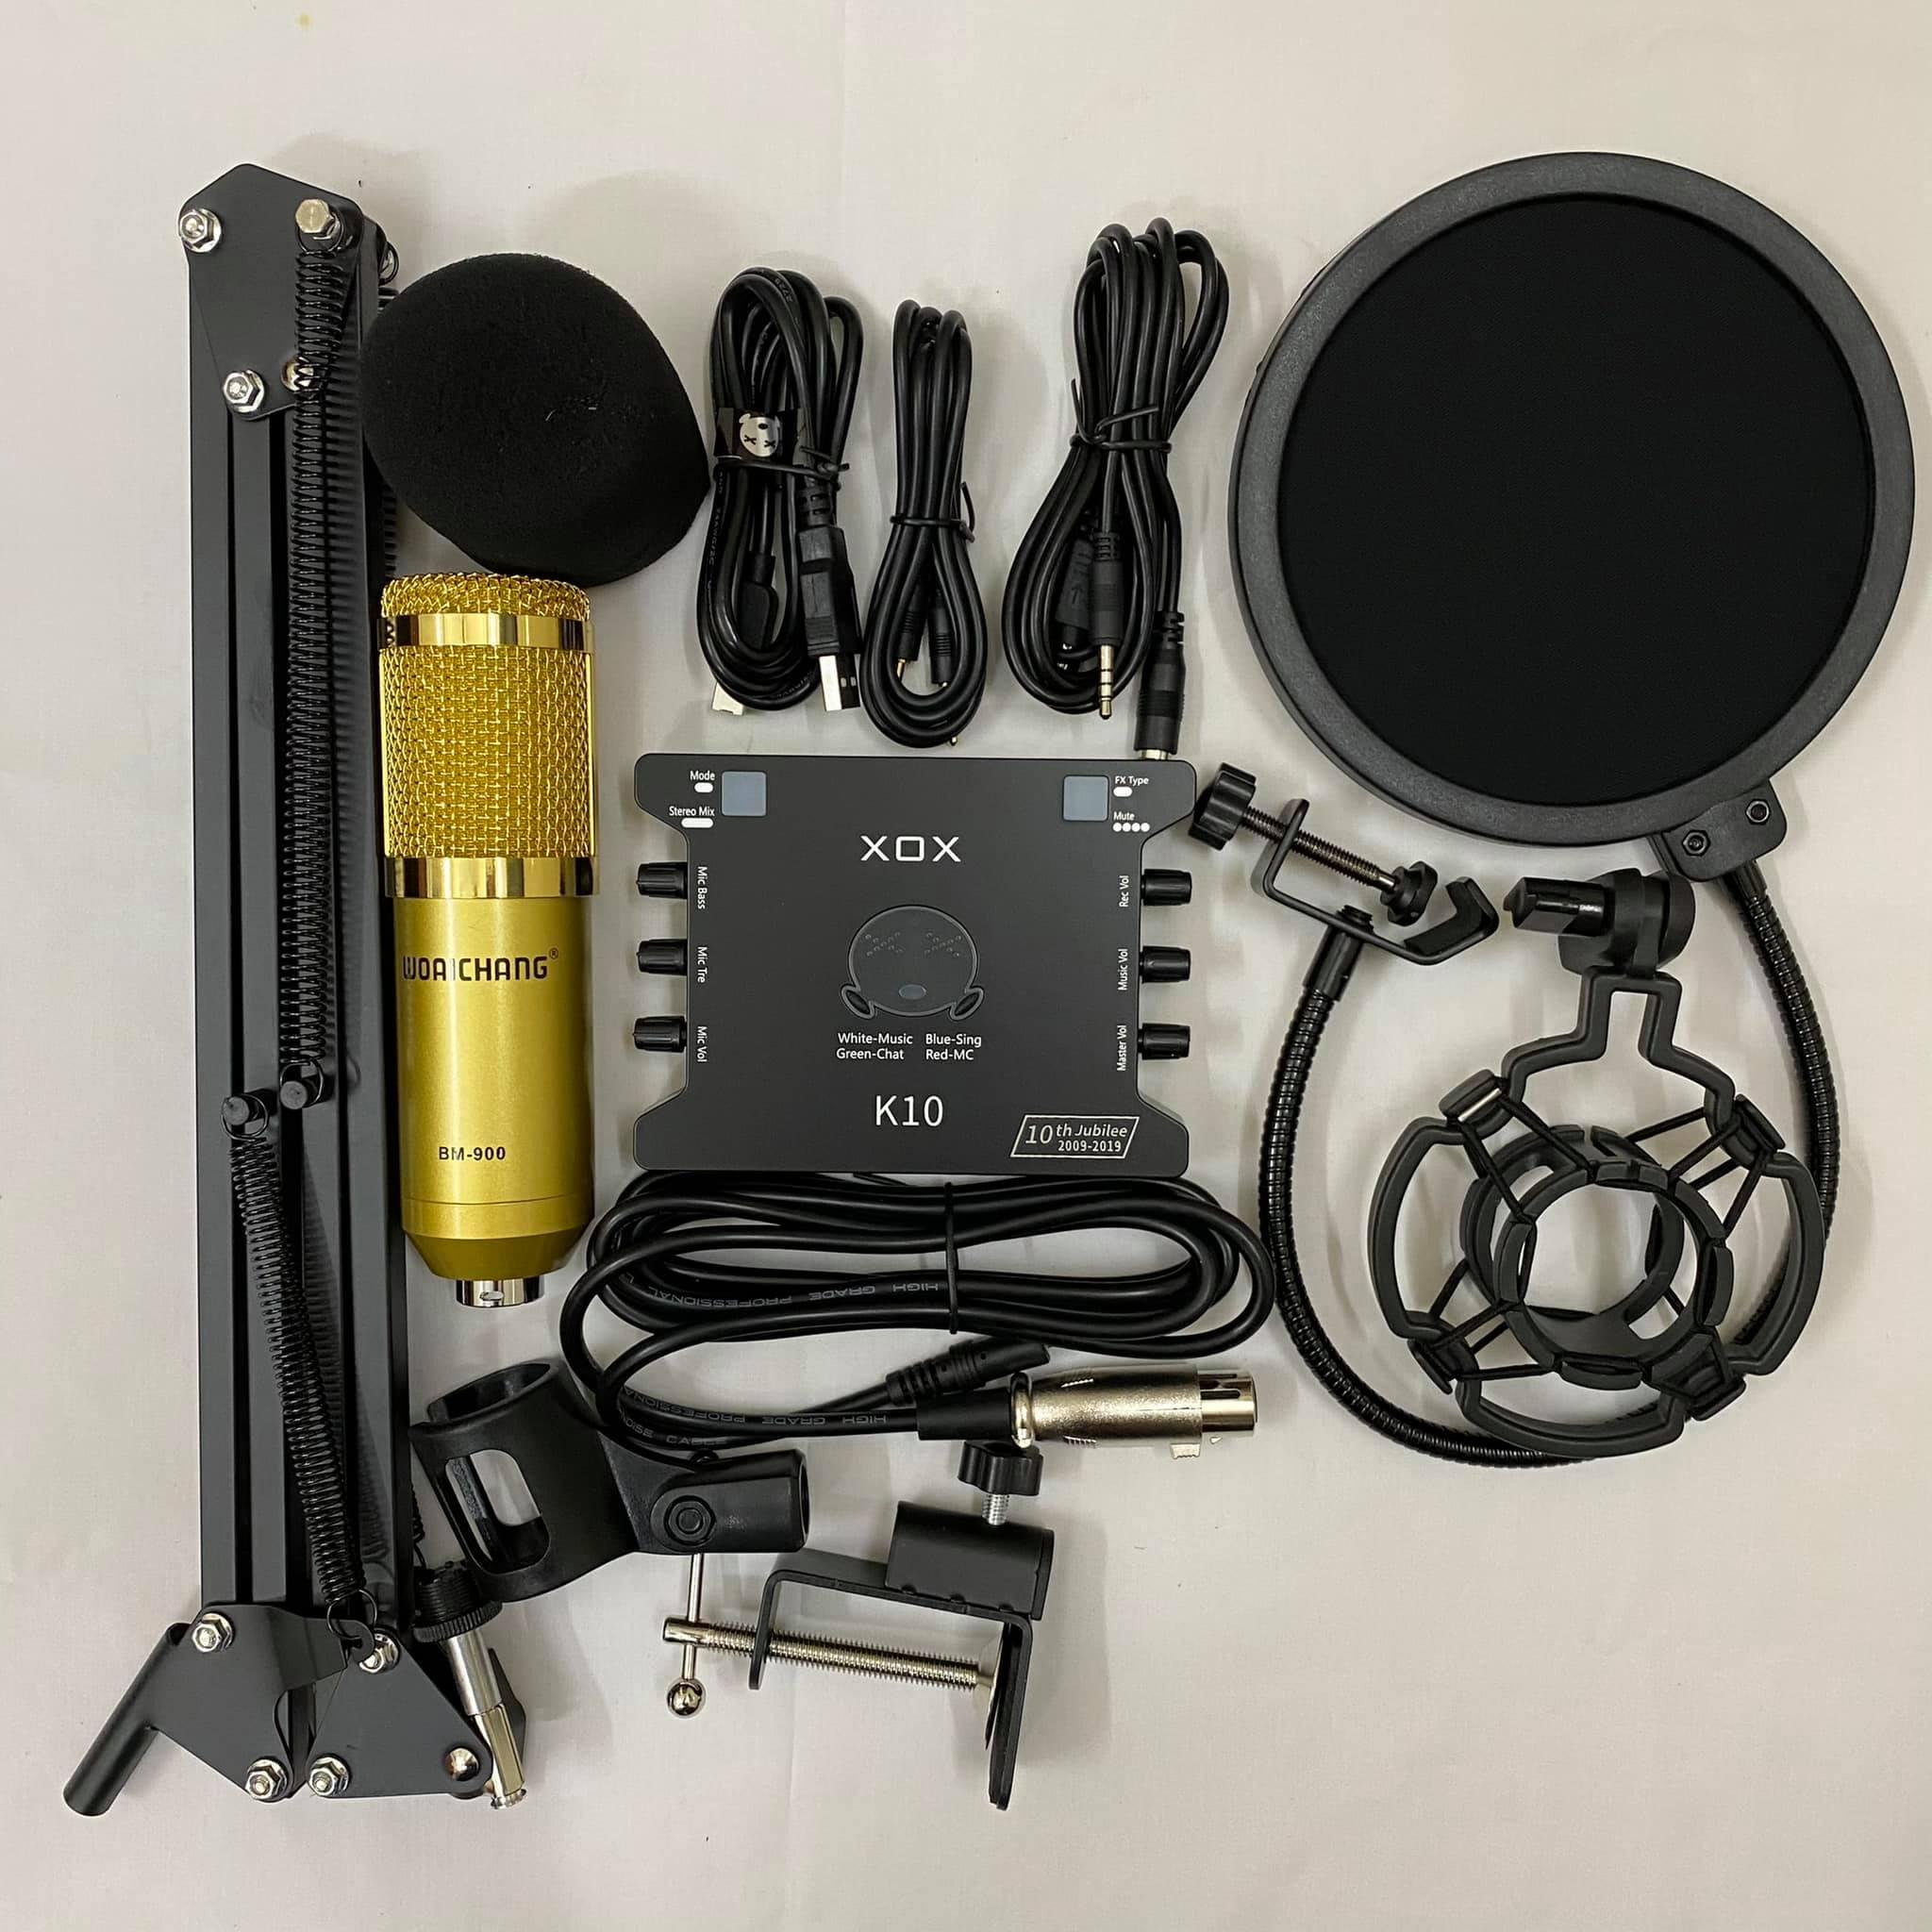 Mic thu âm livestream bm900 woaichang Sound Card XOX K10 2020 chân màng đã có dây live stream- Bộ mic...